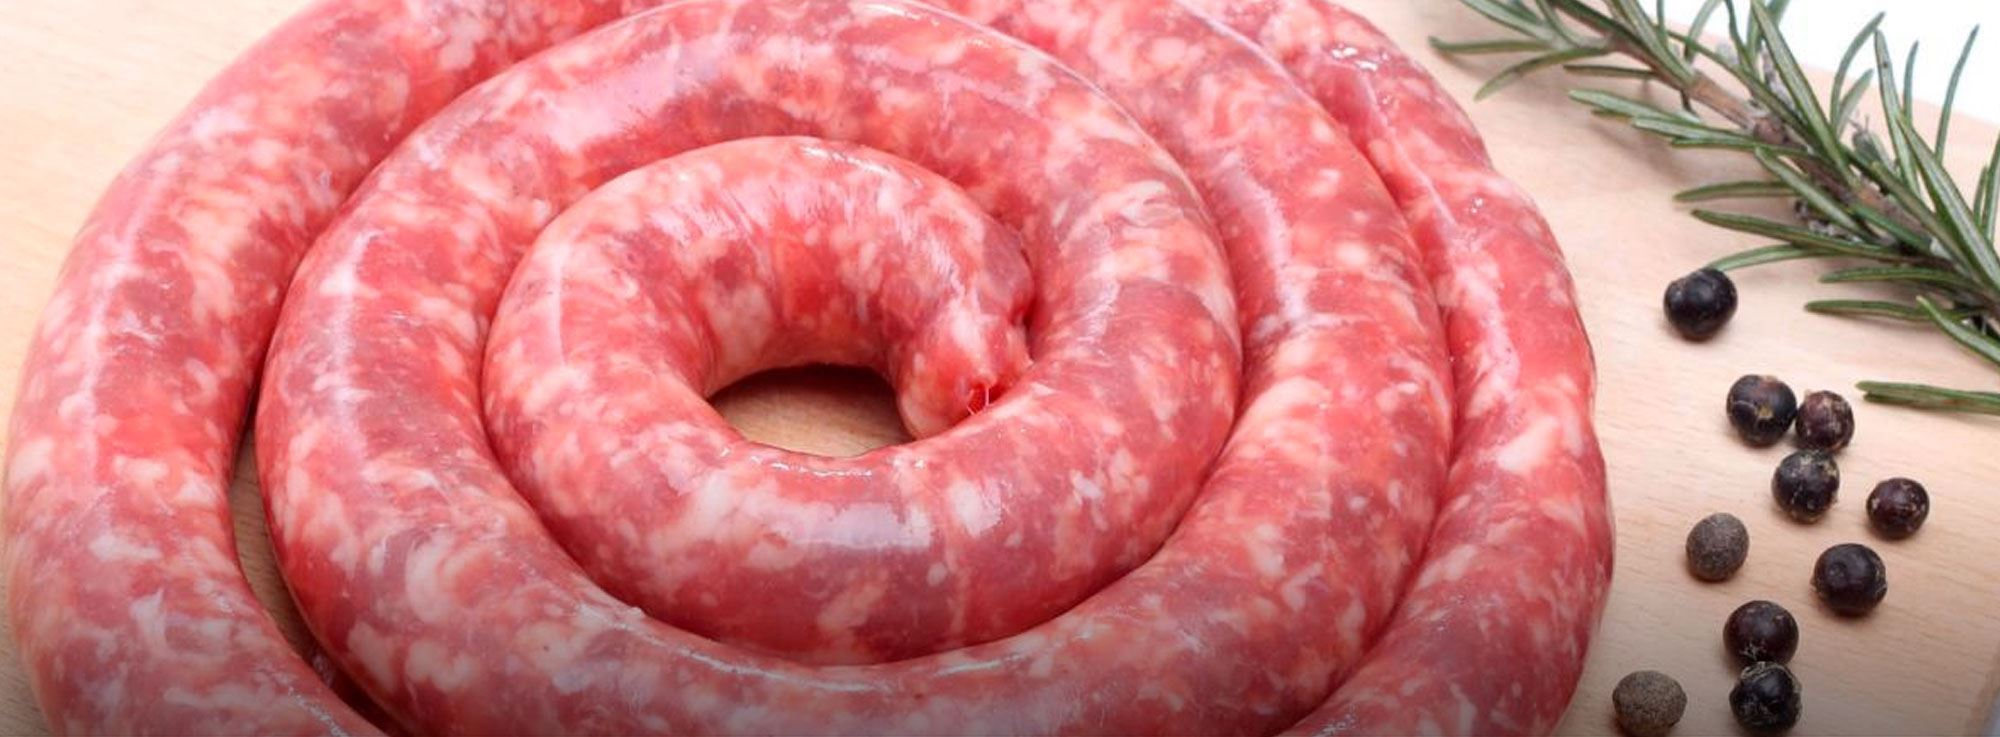 Spinazzola: Festa della salsiccia a punta di coltello